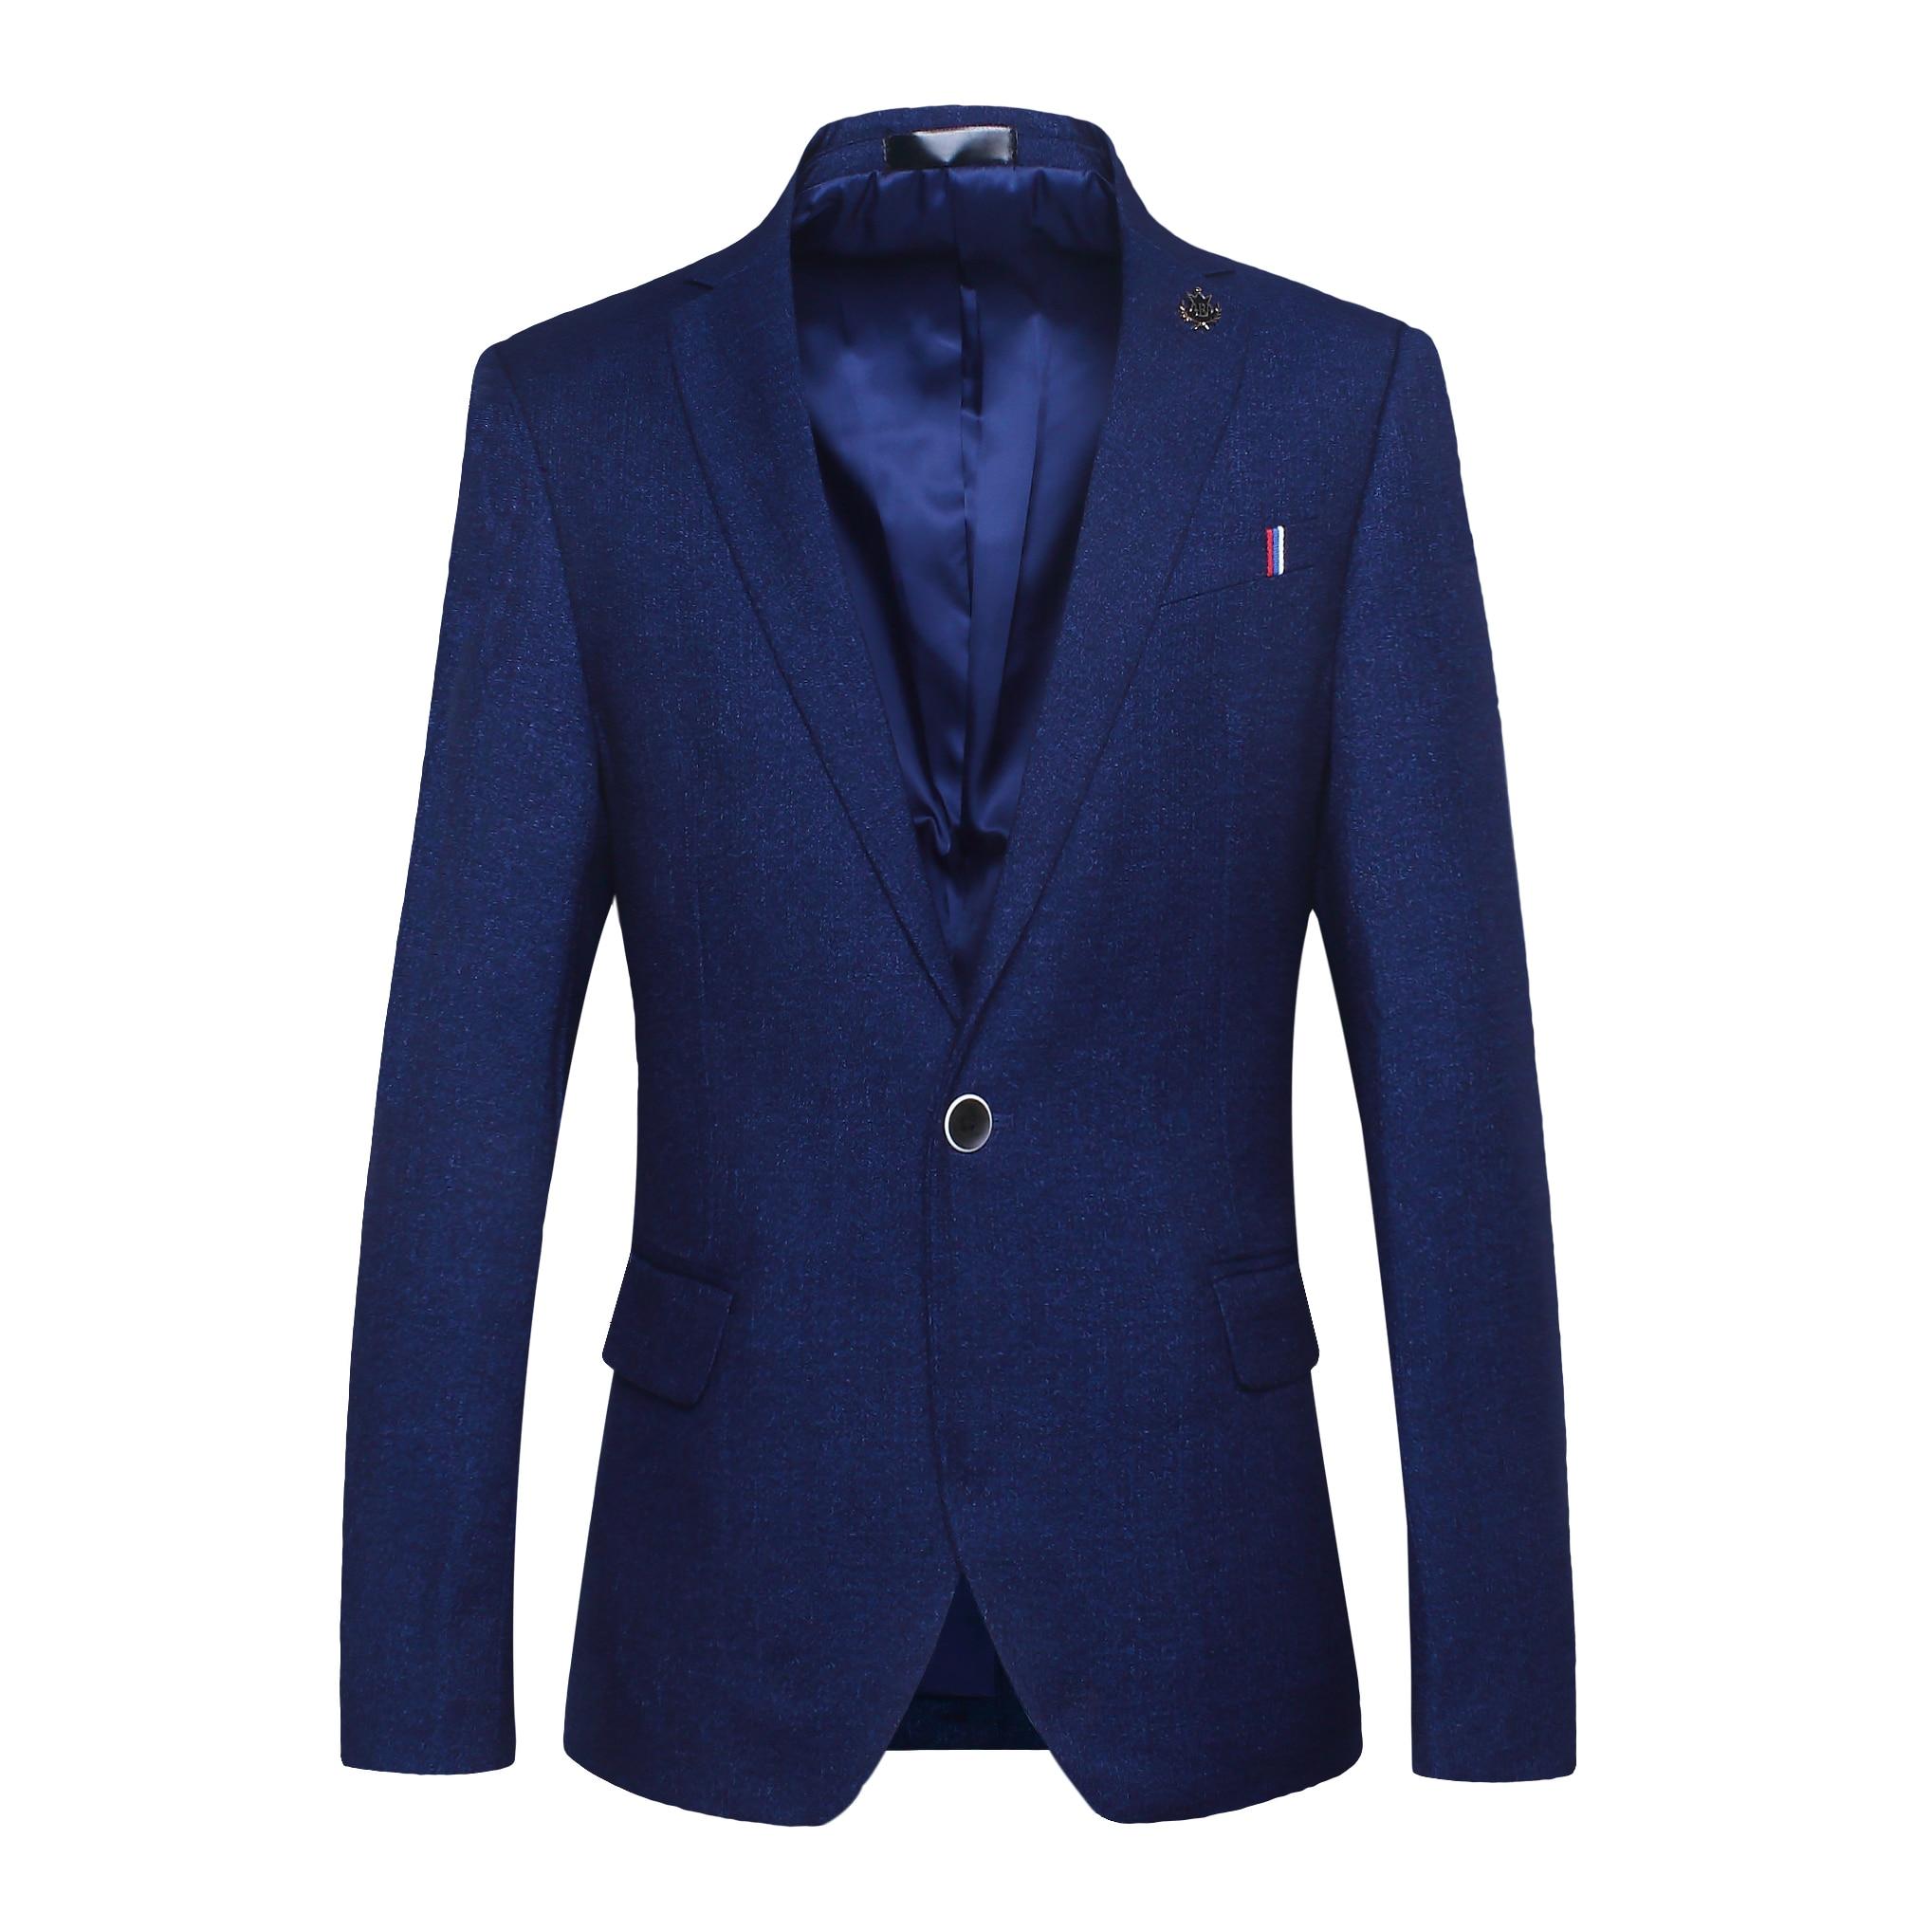 men s denim jeans vest men 2019 spring and autumn vests slim sleeveless summer jacket tops